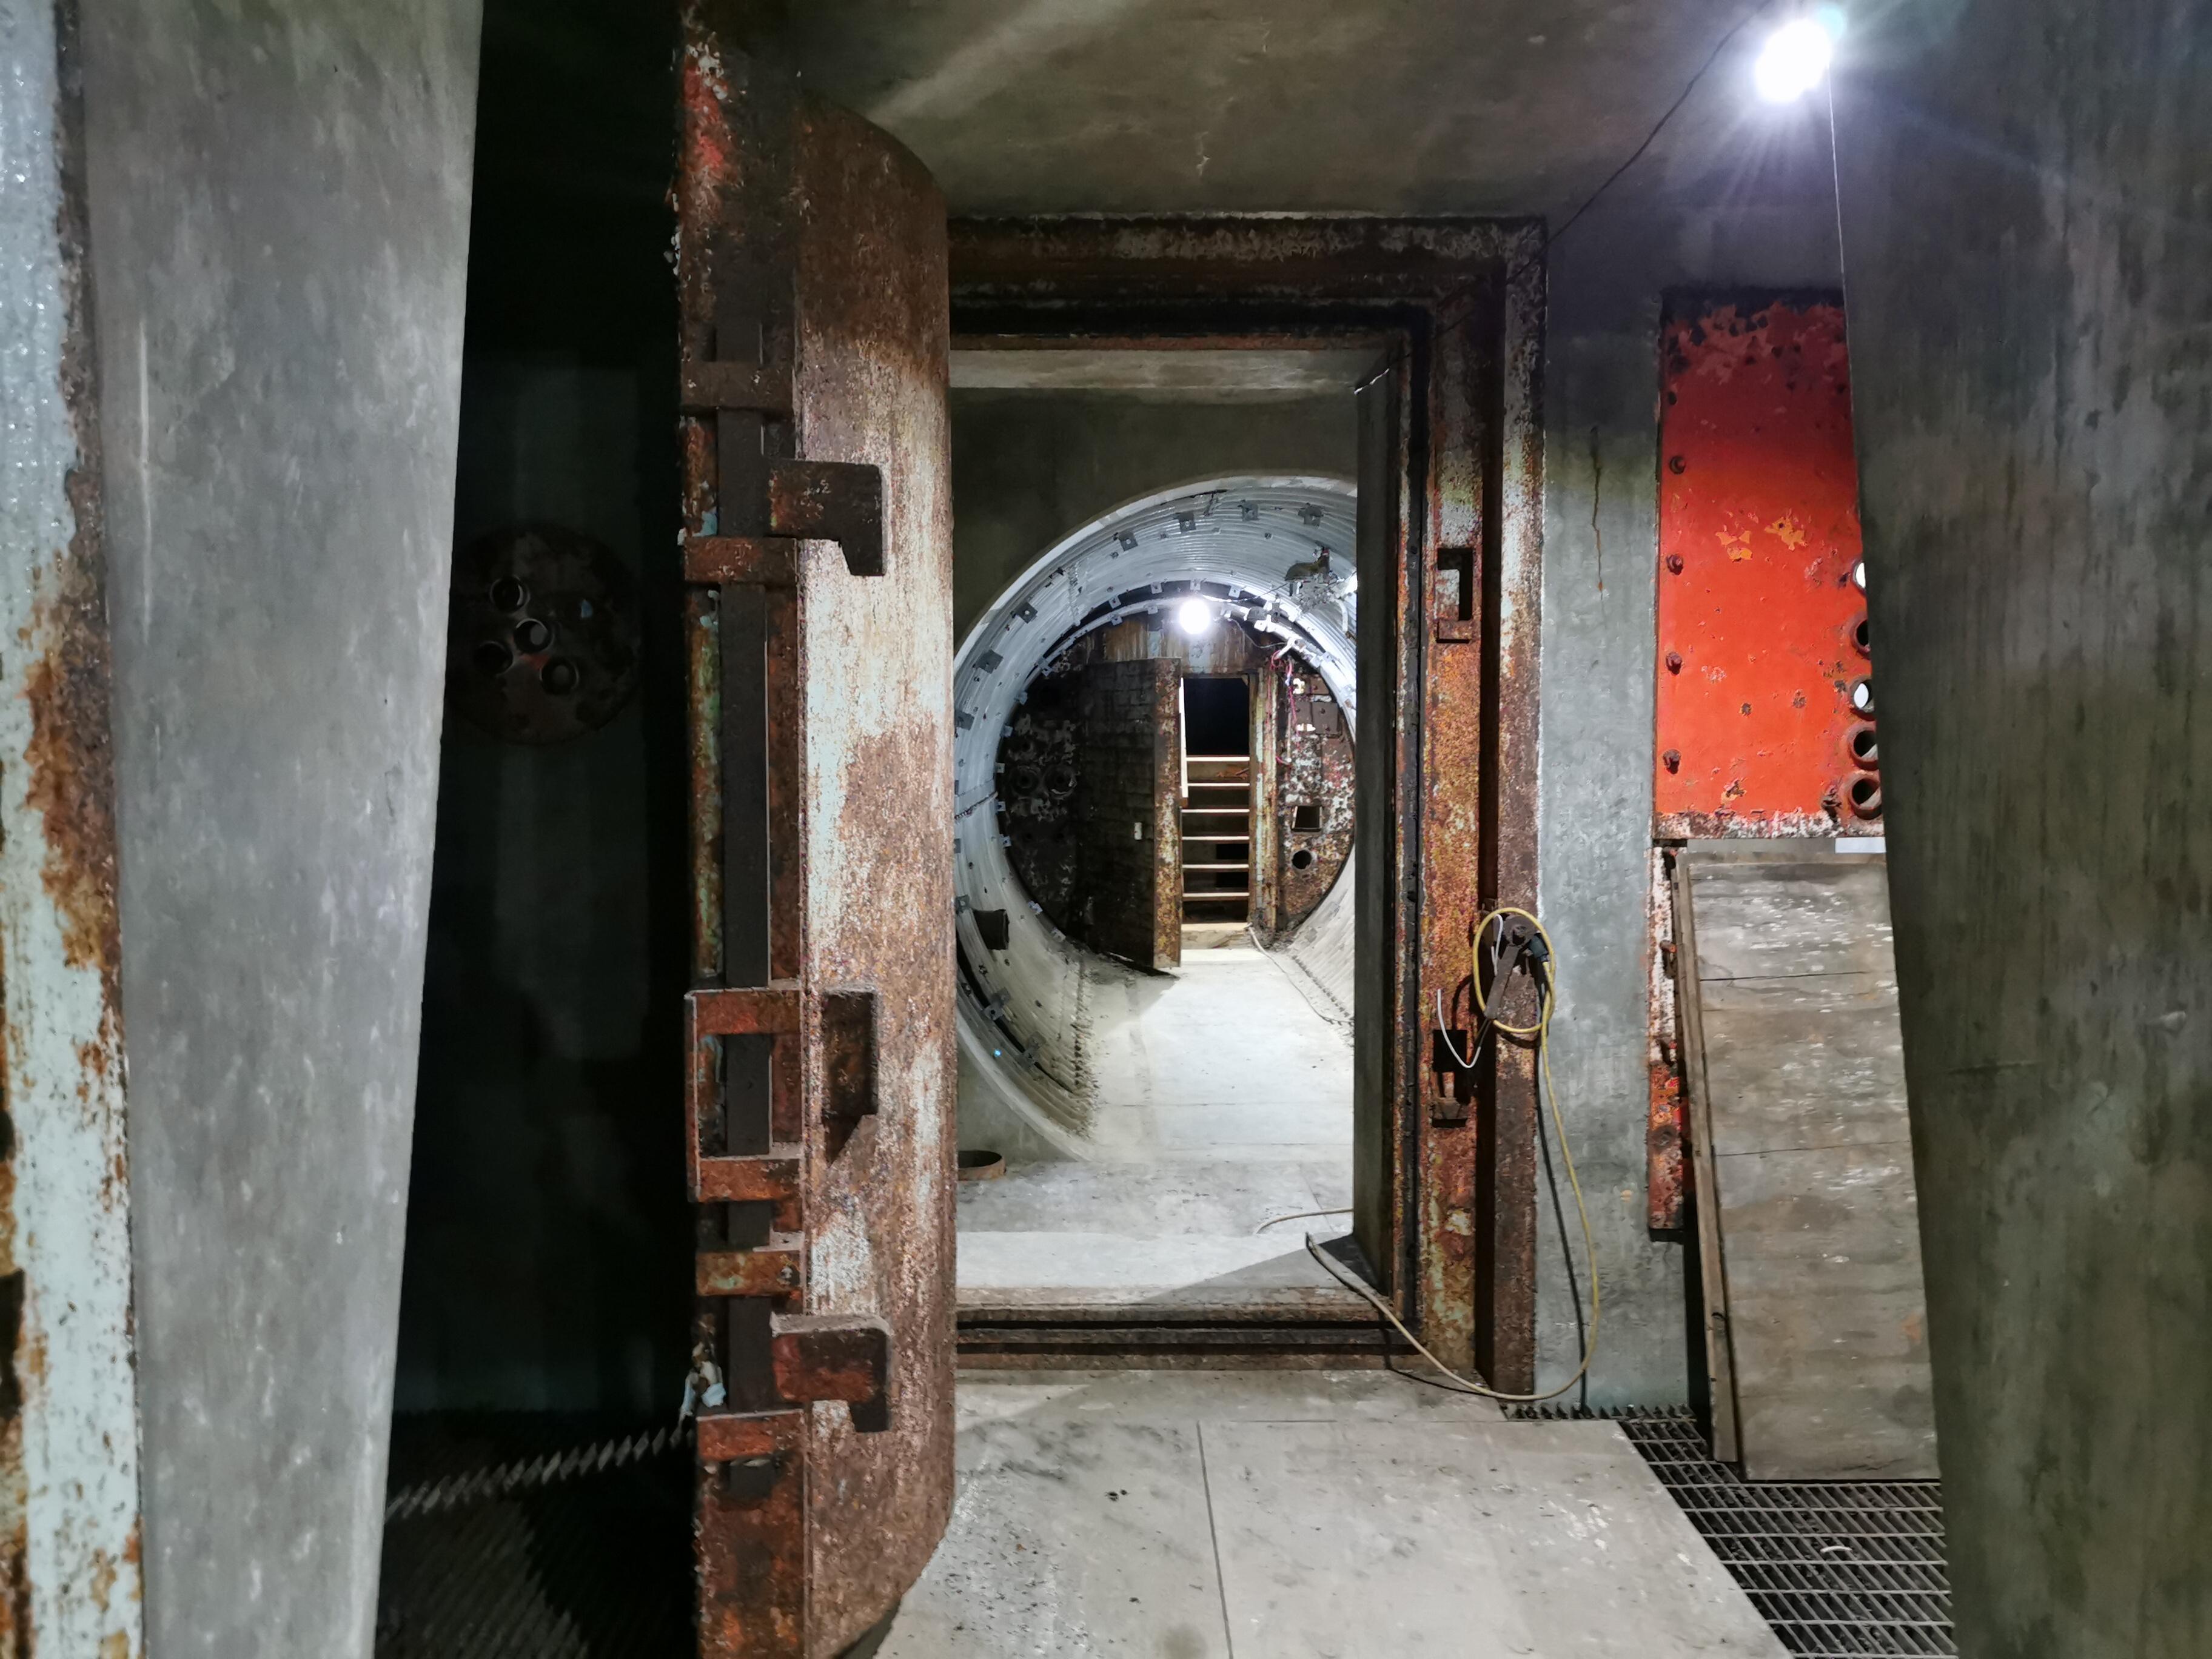 hta-bunker-2-blast-doors